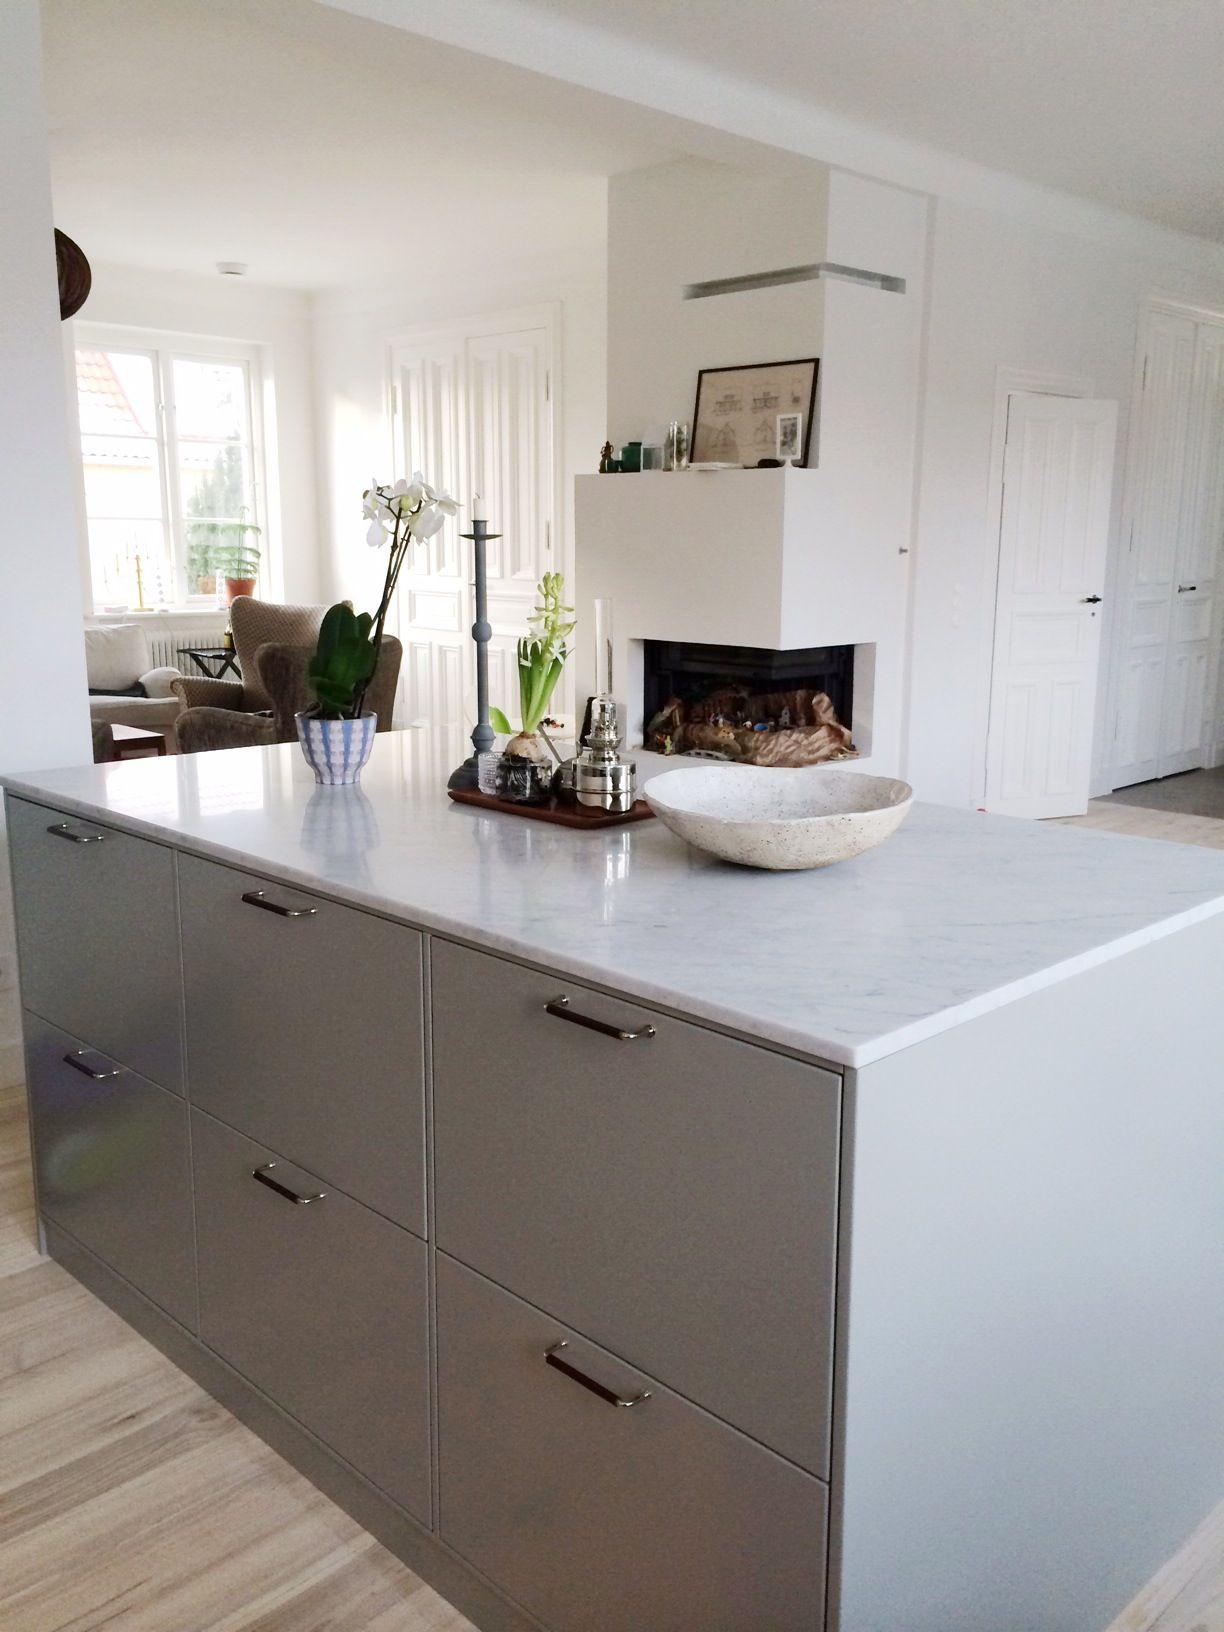 Relaterad bild | Kitchen | Pinterest | Küche, Kaminofen und ...